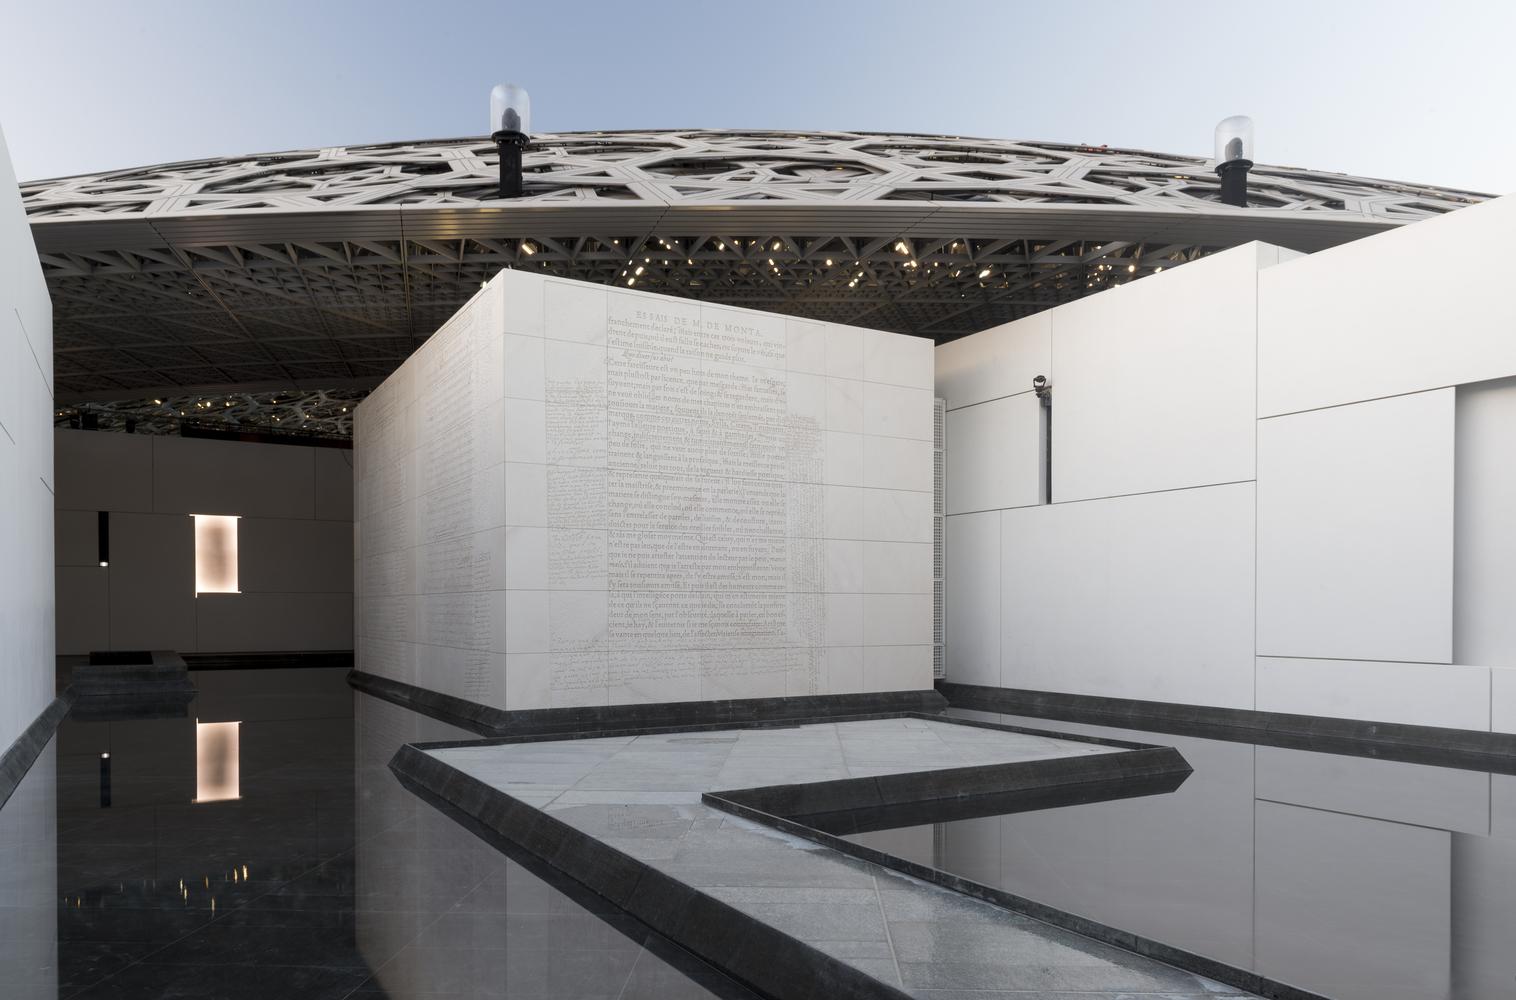 Il Louvre francese di Abu Dhabi aprirà le porte al pubblico il prossimo 11 novembre / Marc Domage/Louvre Abu Dabi